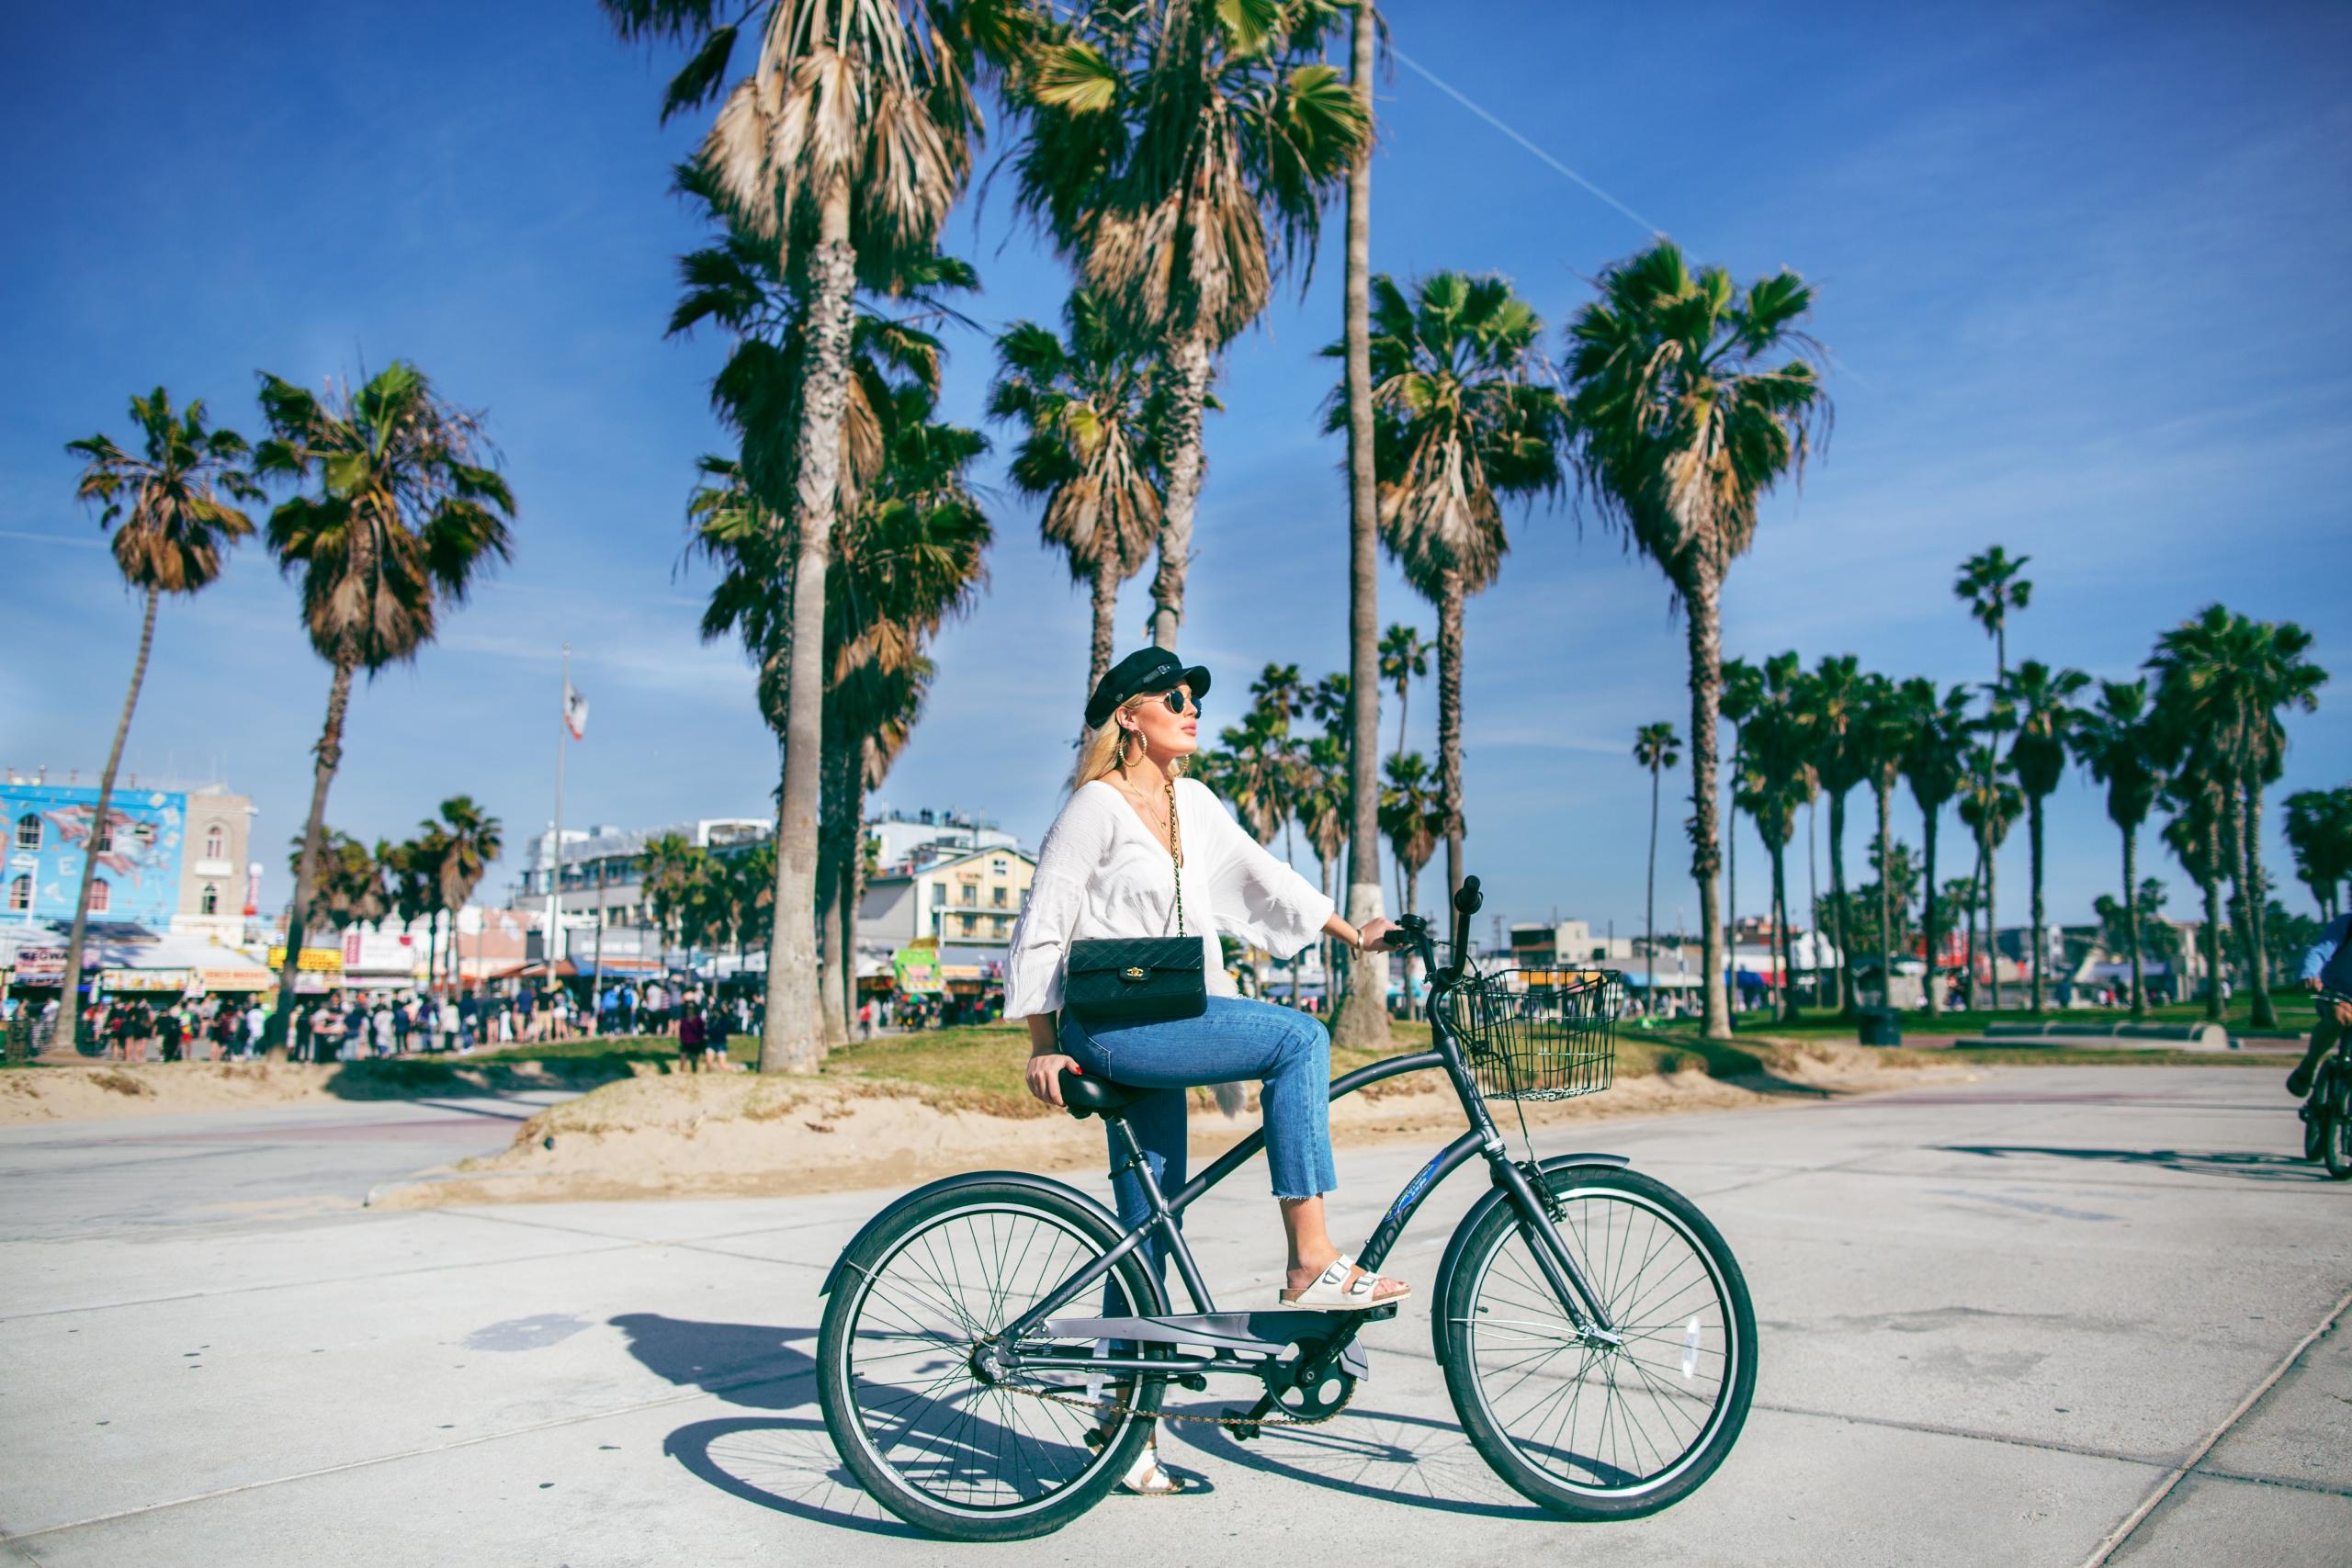 bike_a1